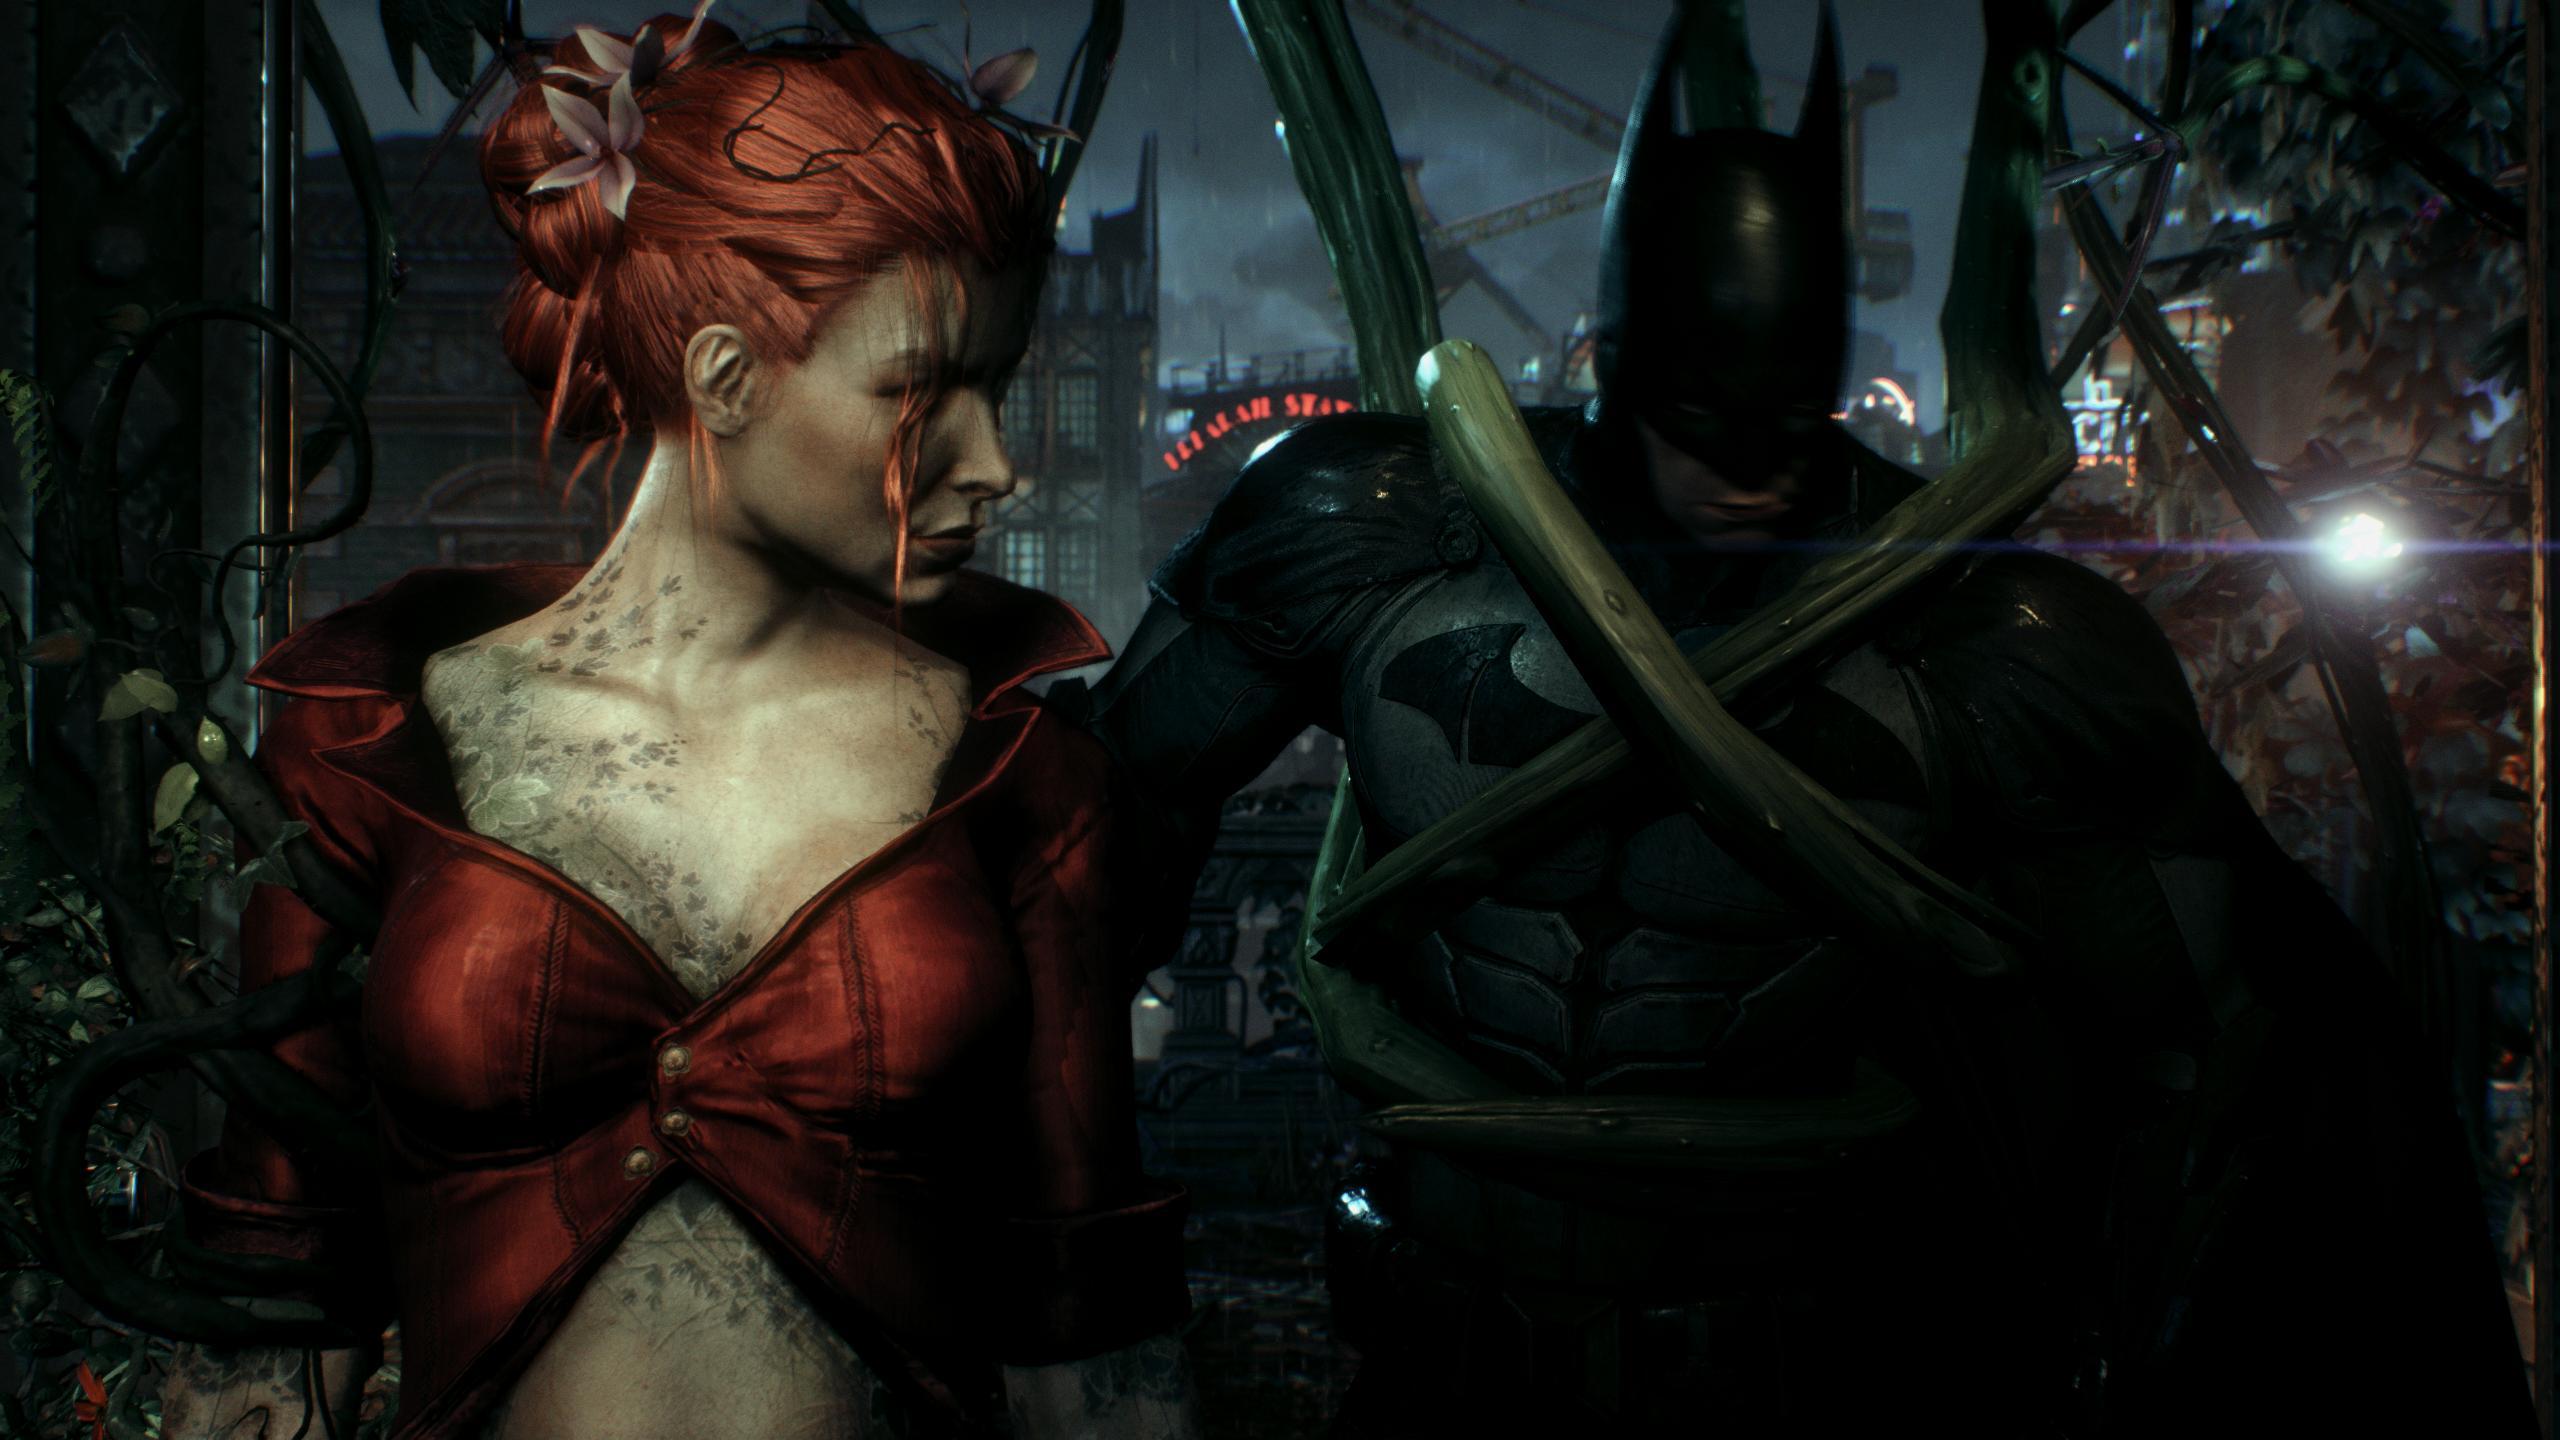 蝙蝠侠:阿卡姆骑士游戏评测20181010004